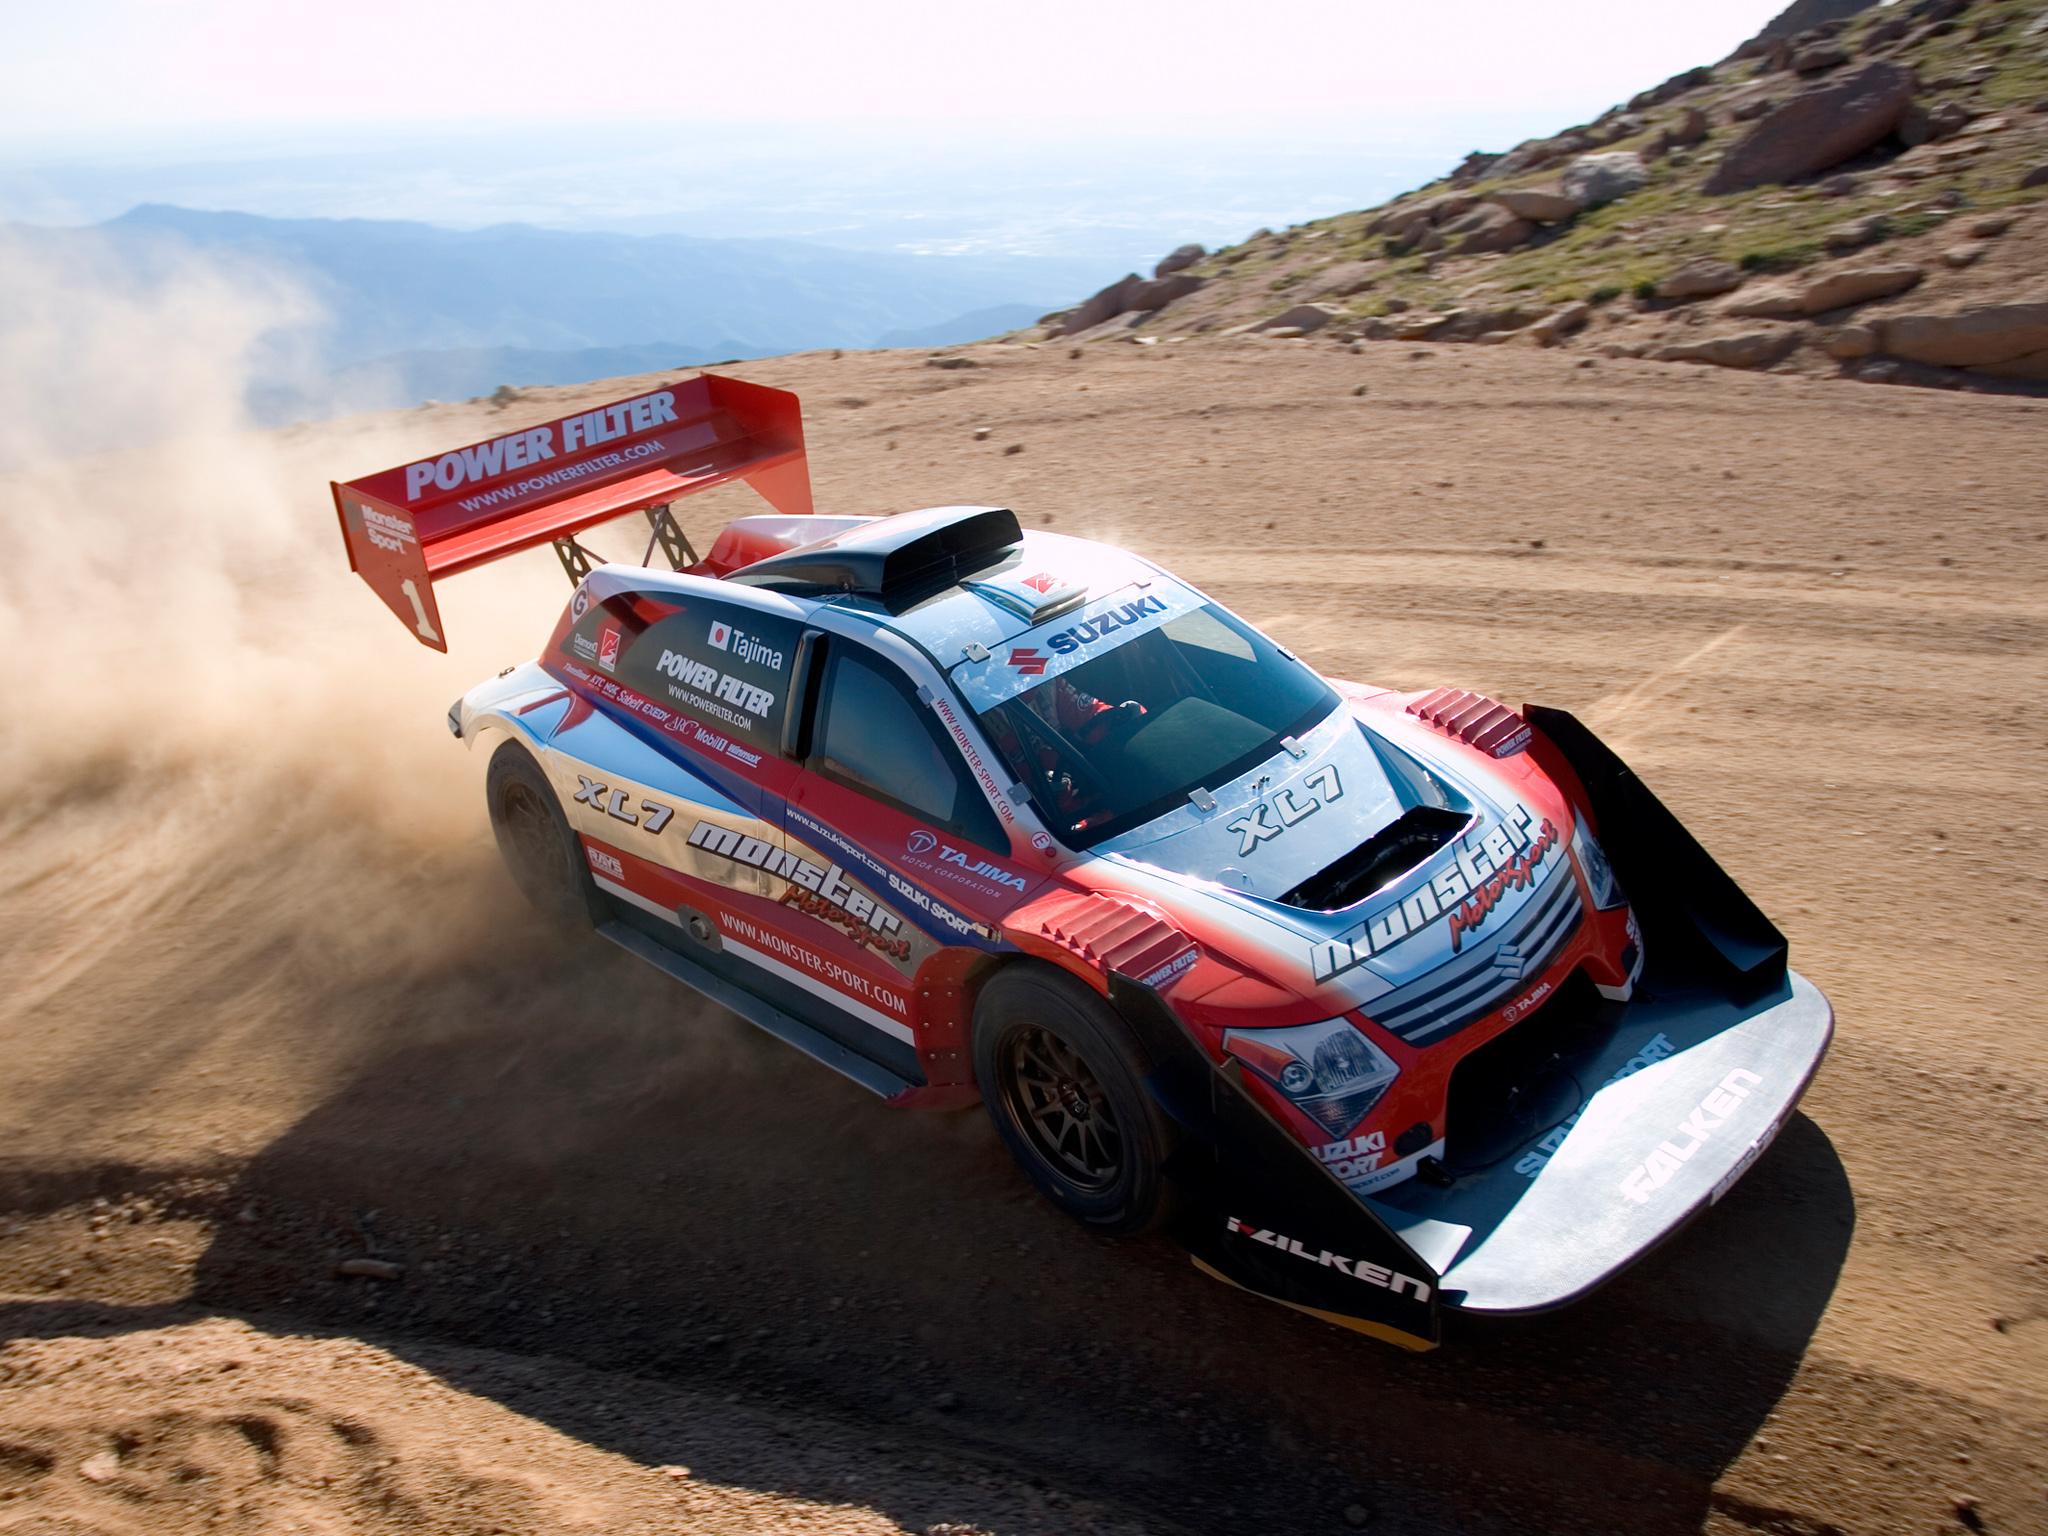 2007 Suzuki Sport Xl7 Hill Climb Special Pikes Peak Race